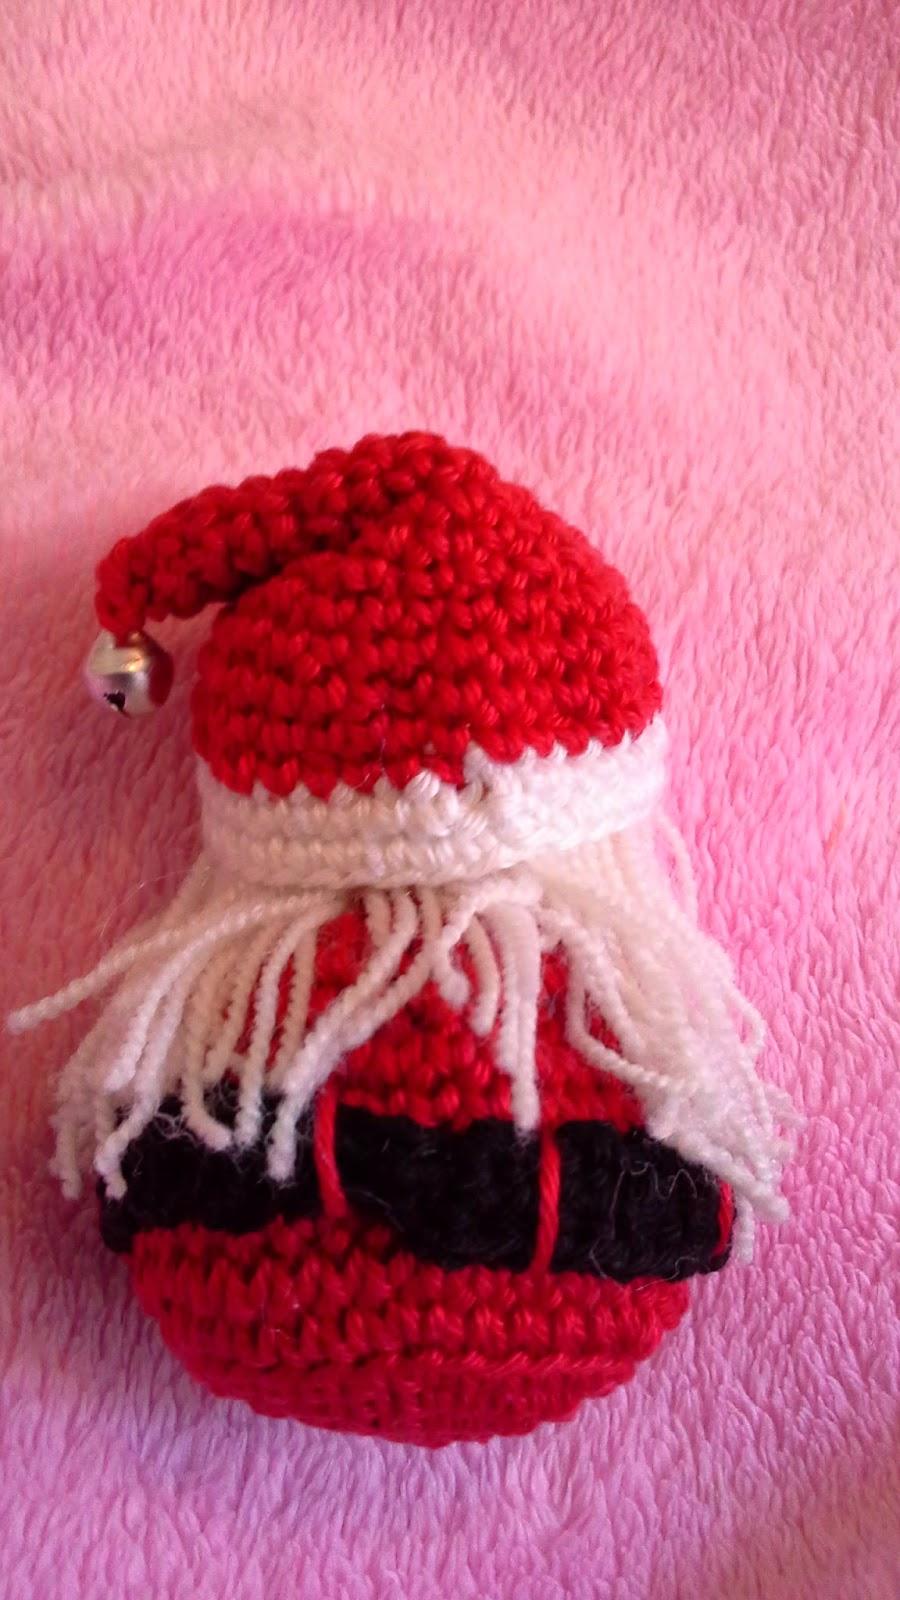 Las cosas de carocha adornos navide os en crochet - Adornos navidenos crochet ...